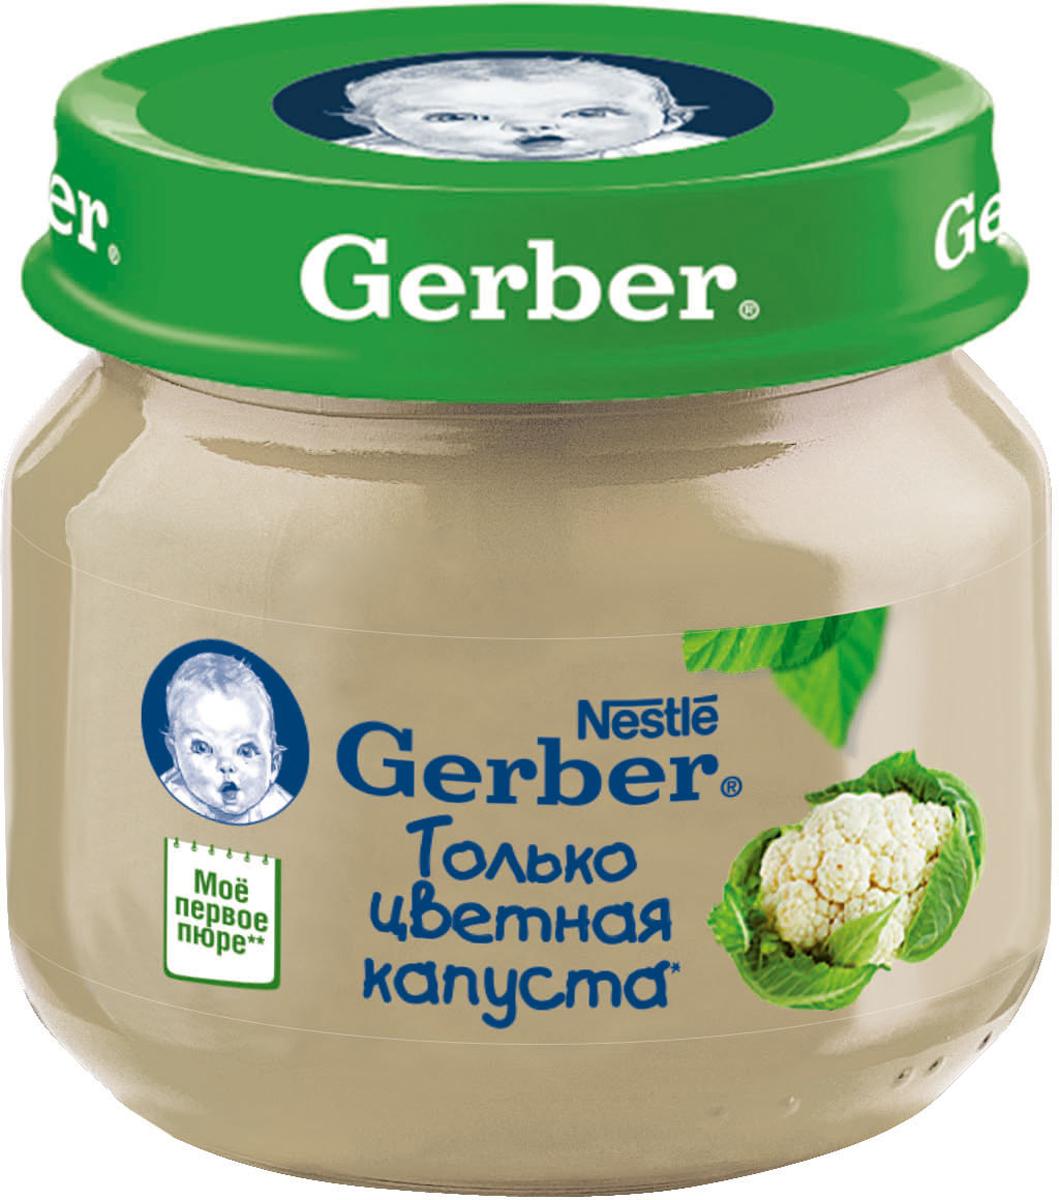 Gerber пюре цветная капуста, 80 г12305884Однокомпонентные овощные пюре Gerber идеально подходят для первого прикорма. Овощное пюре Gerber Цветная капуста - это первое знакомство малыша с разнообразием вкусов, приготовленное из натуральных овощей, богато клетчаткой, органическими кислотами, витаминами и минеральными веществами. Нежная консистенция помогает научиться глотать более густую пищу, а специальный способ производства пюре Gerber позволяет сохранить всю пользу натуральных овощей в каждой баночке. Без добавления крахмала, сахара. Изготовлено без использования генетически модифицированных ингредиентов, искусственных консервантов, красителей и ароматизаторов. Для принятия решения о сроках и способе введения данного продукта в рацион ребенка необходима консультация специалиста. Возрастные ограничения указаны на упаковке товаров в соответствии с законодательством РФ.